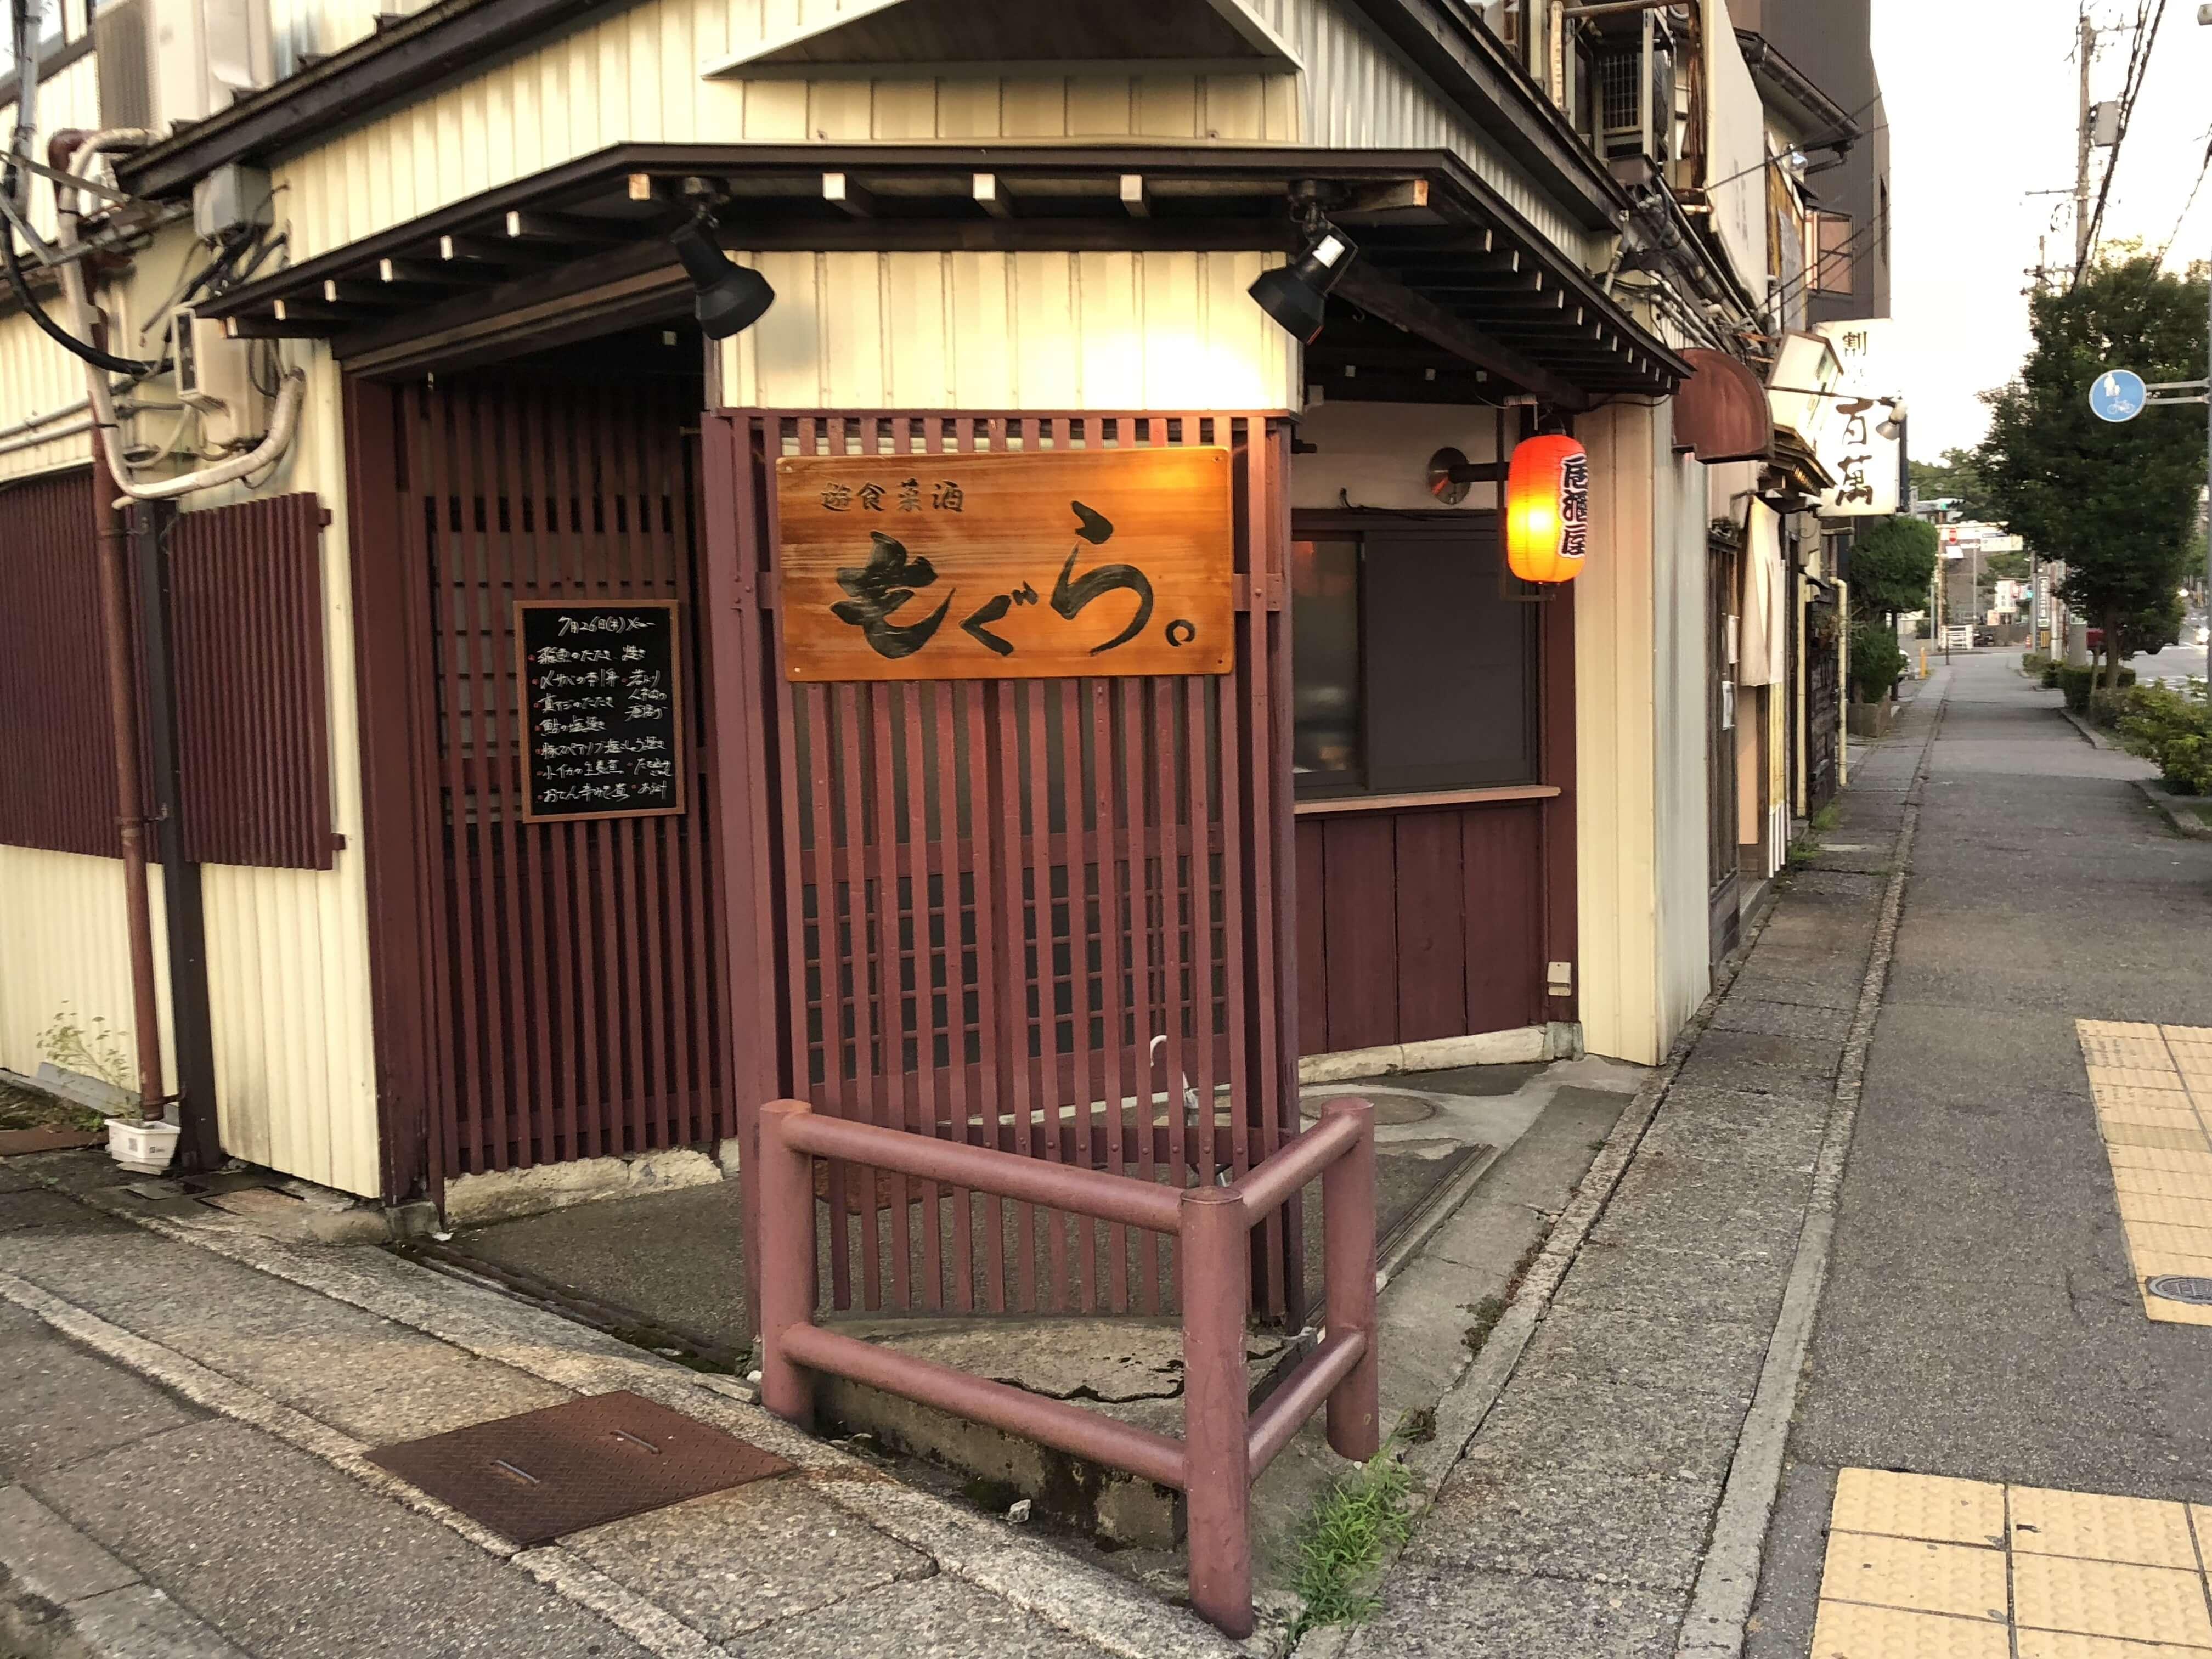 笠舞にある「 居酒屋もぐら 」。近所の人がフラッと足を運ぶ場所が新たにオープン